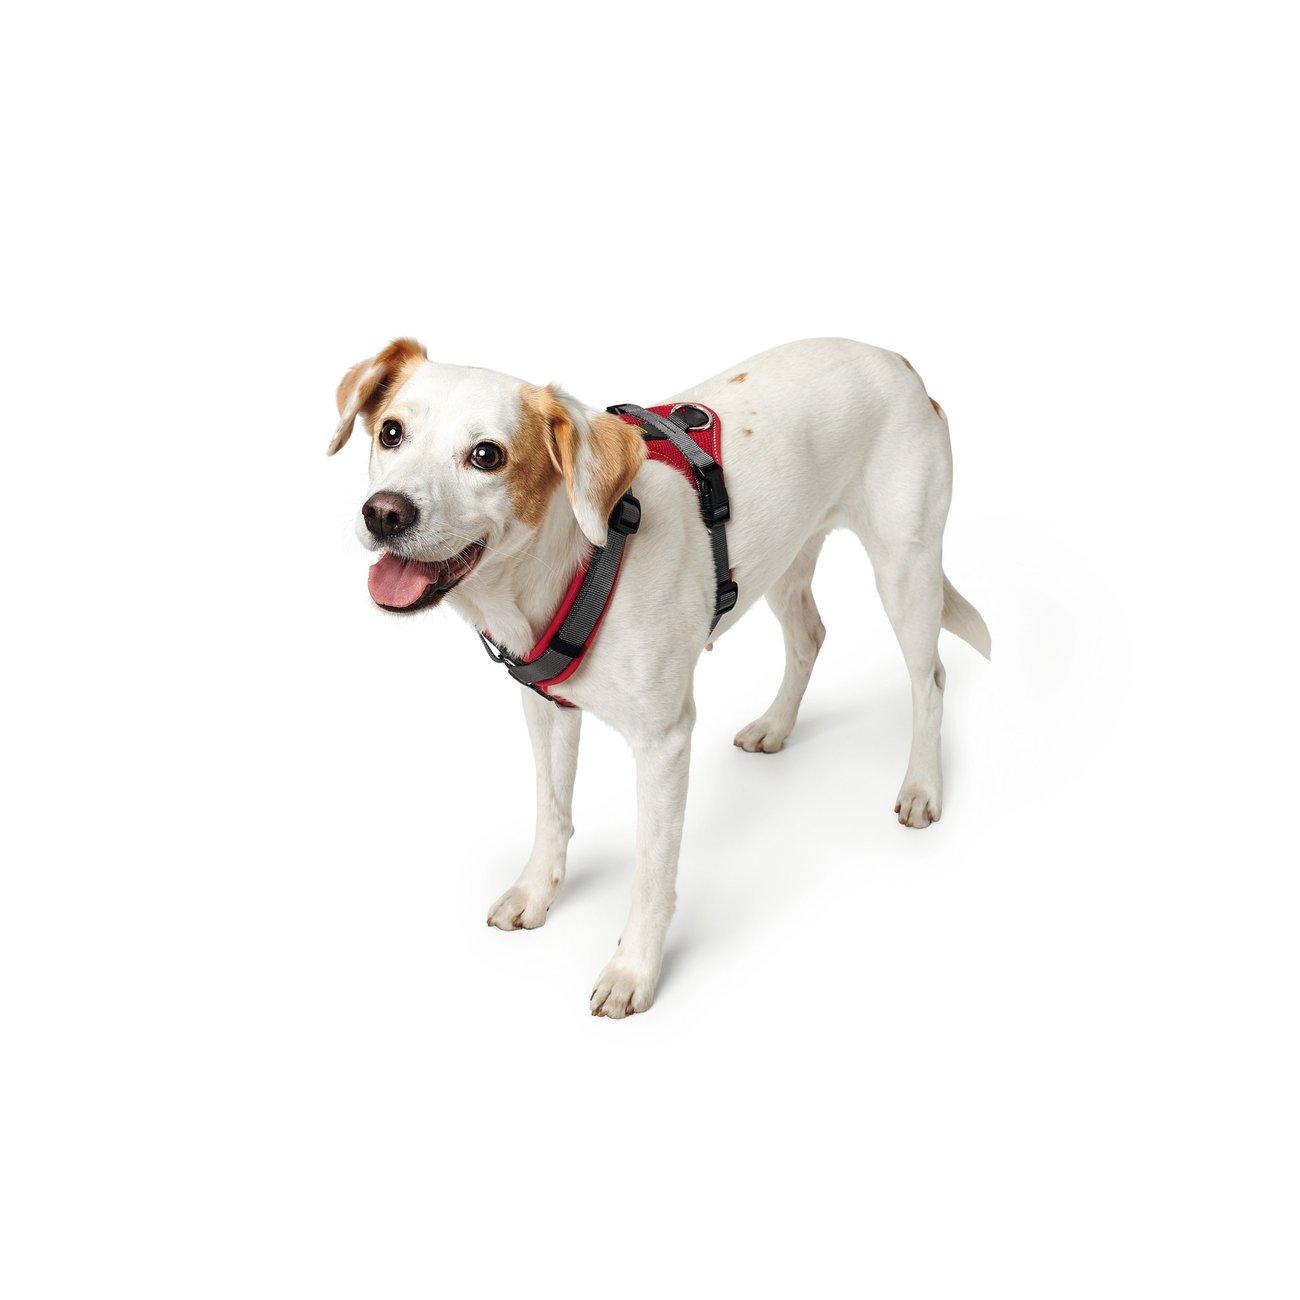 Hunter Hundegeschirr Maldon gepolstert 67509, Bild 3